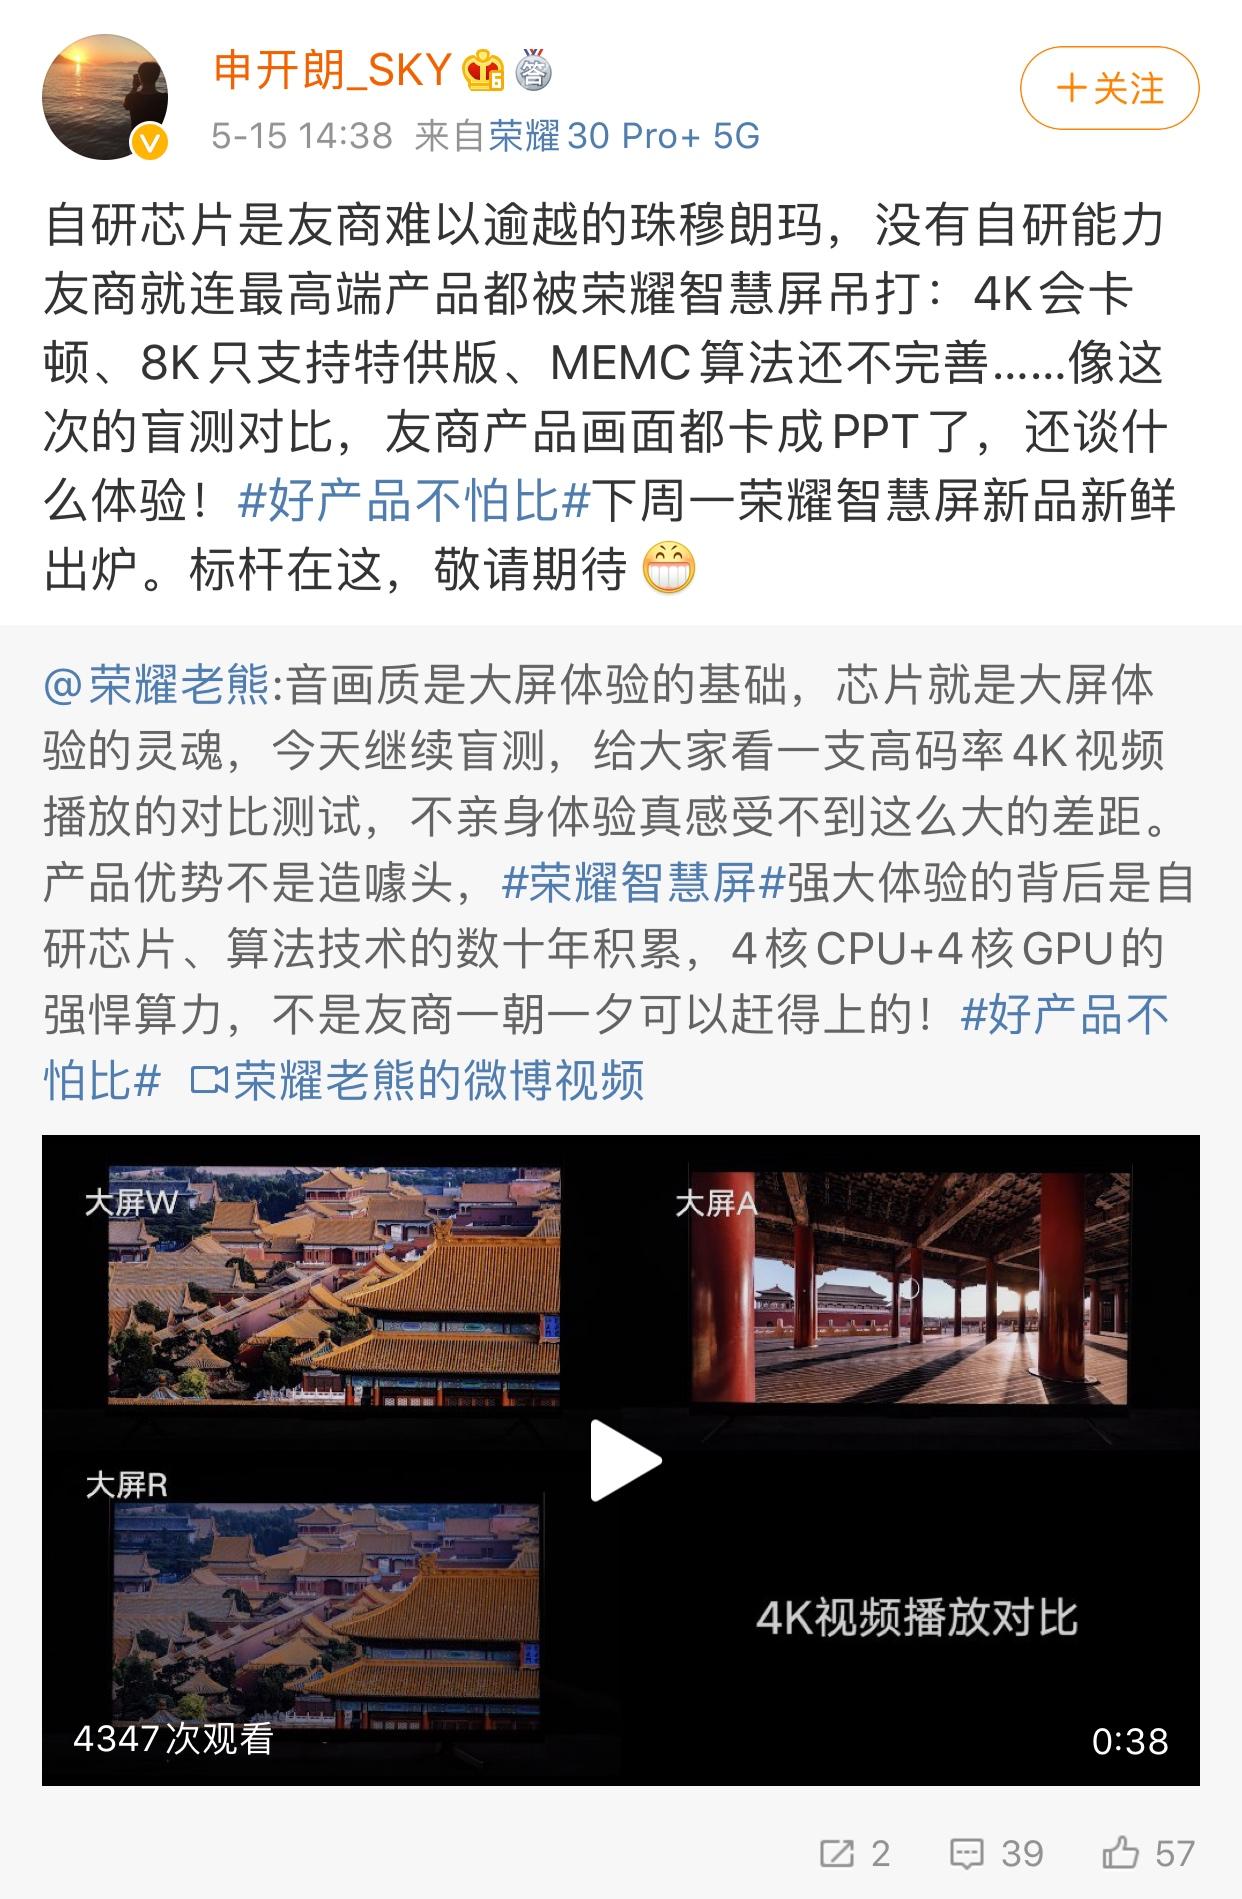 榮耀智慧屏新產品4k高清畫面質量主要表現意外驚喜,網民:小米手機又卡成PPT了